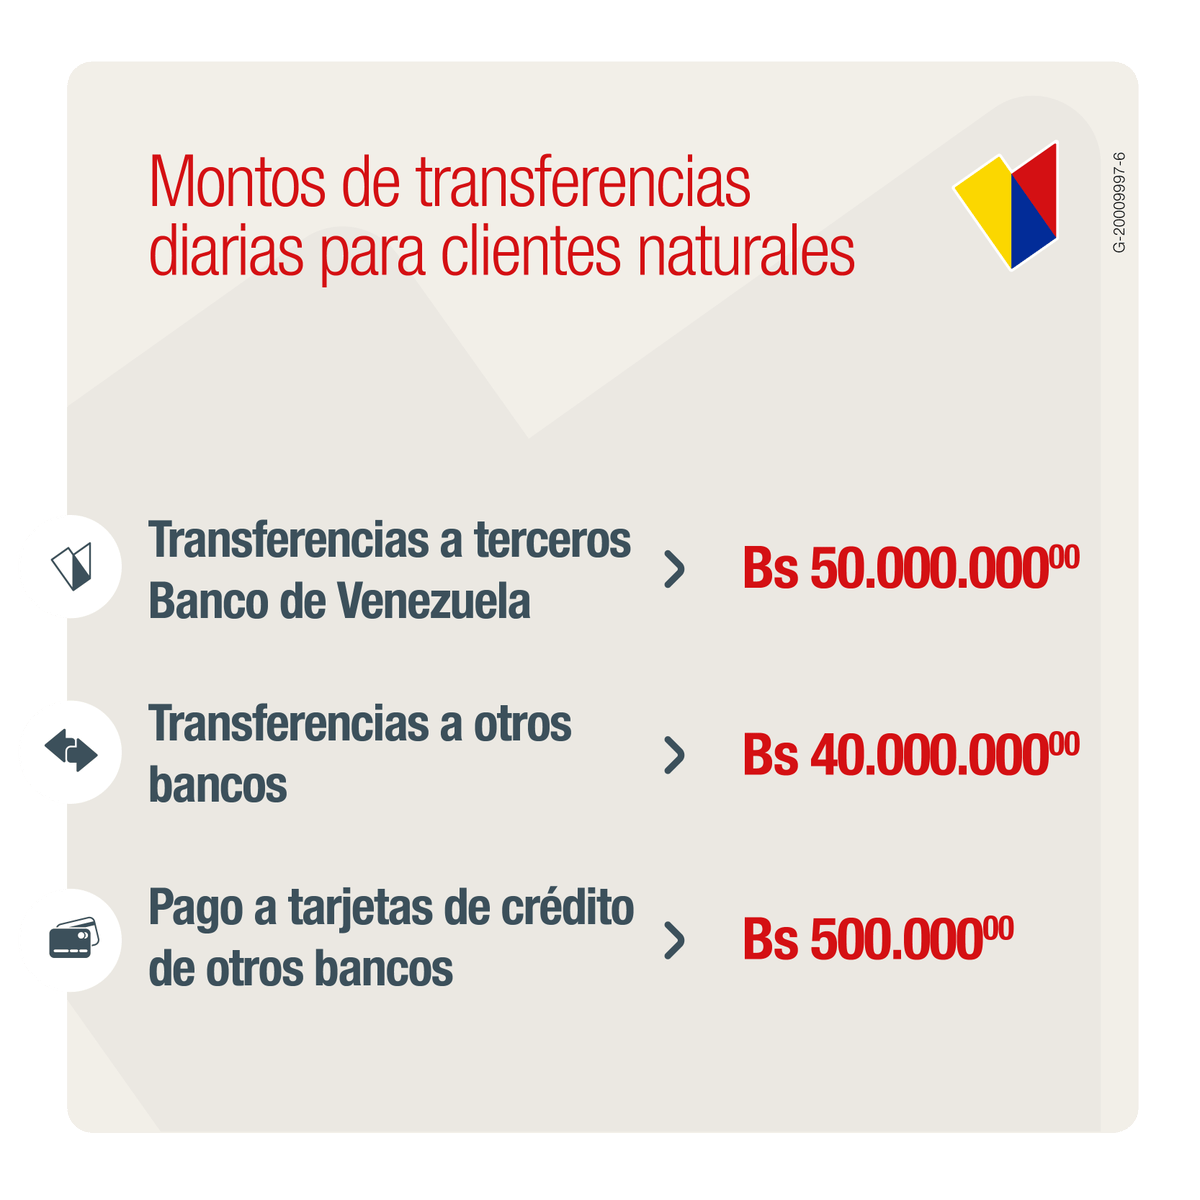 Nuevos Limites Para Transferencias Y Pago De Tarjetas De